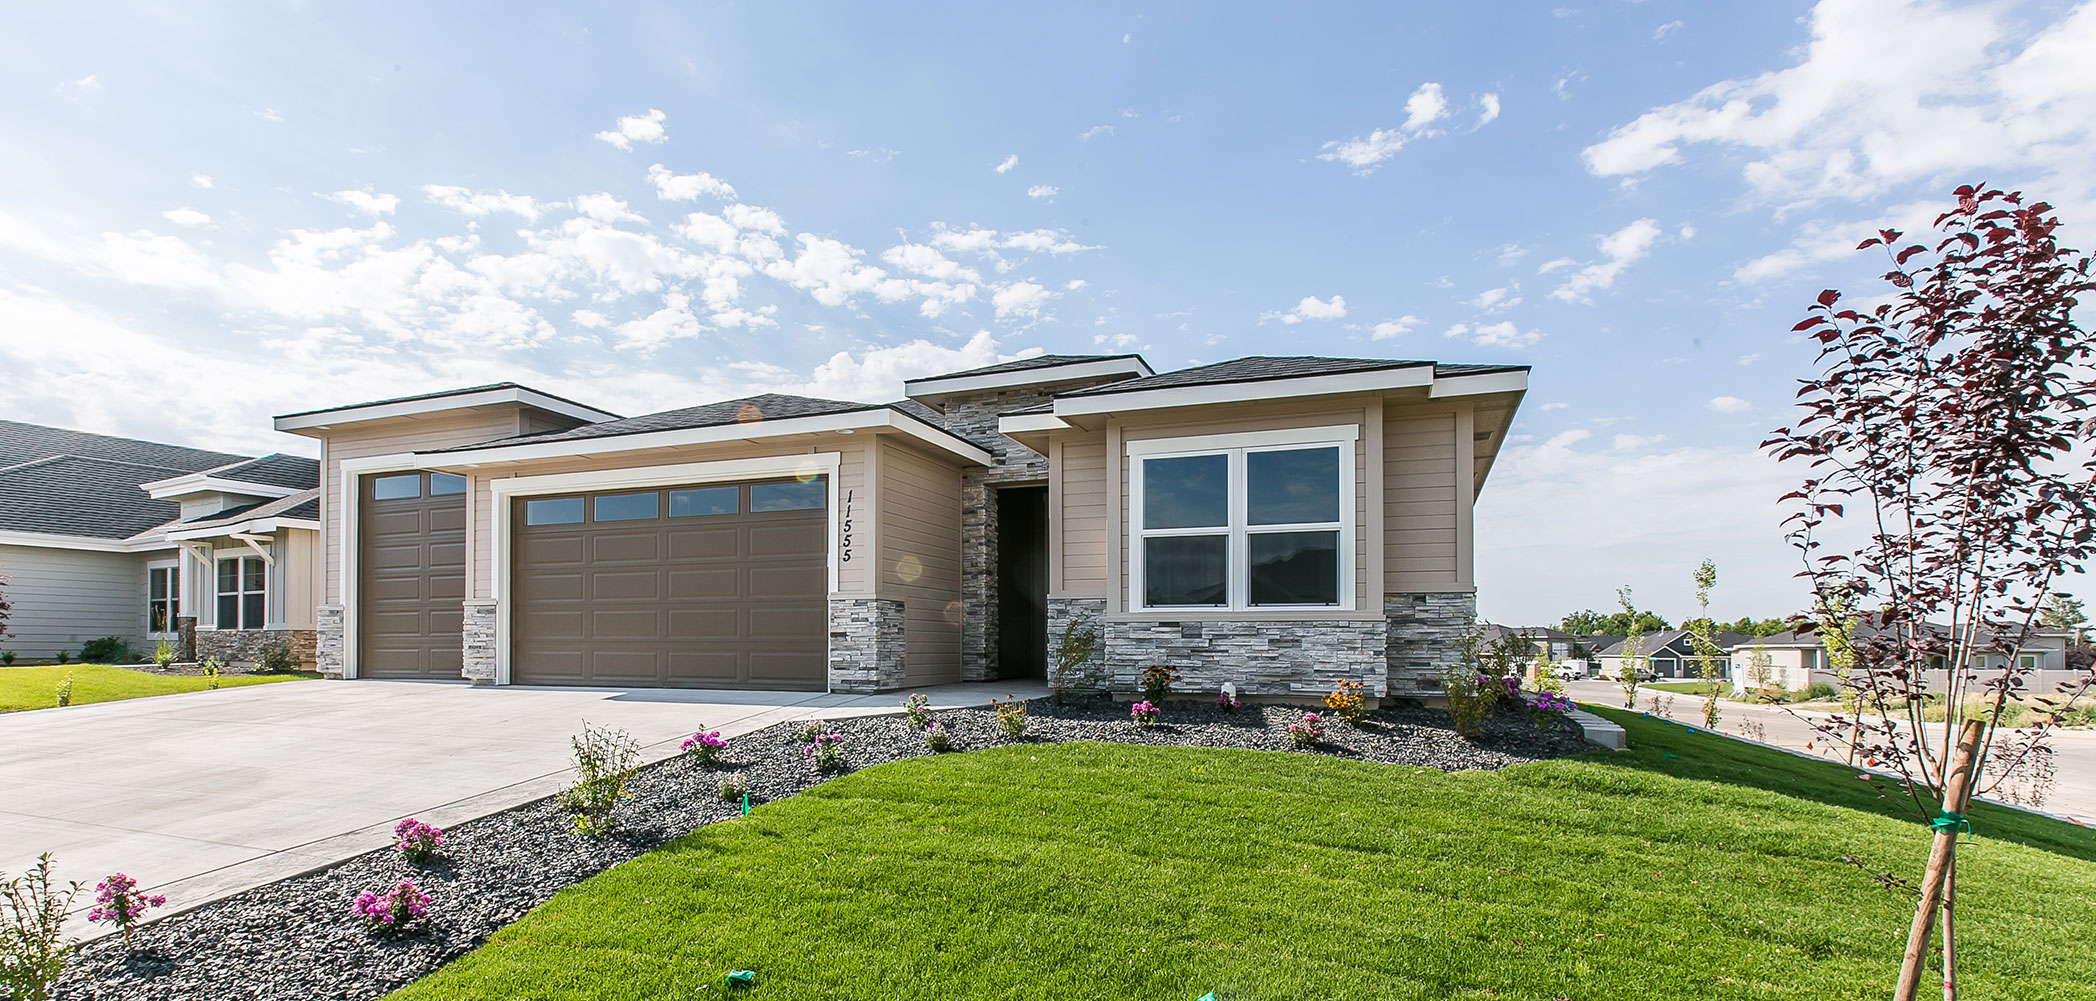 Custom home boise id builder boise id contractor boise for Custom home builder contract